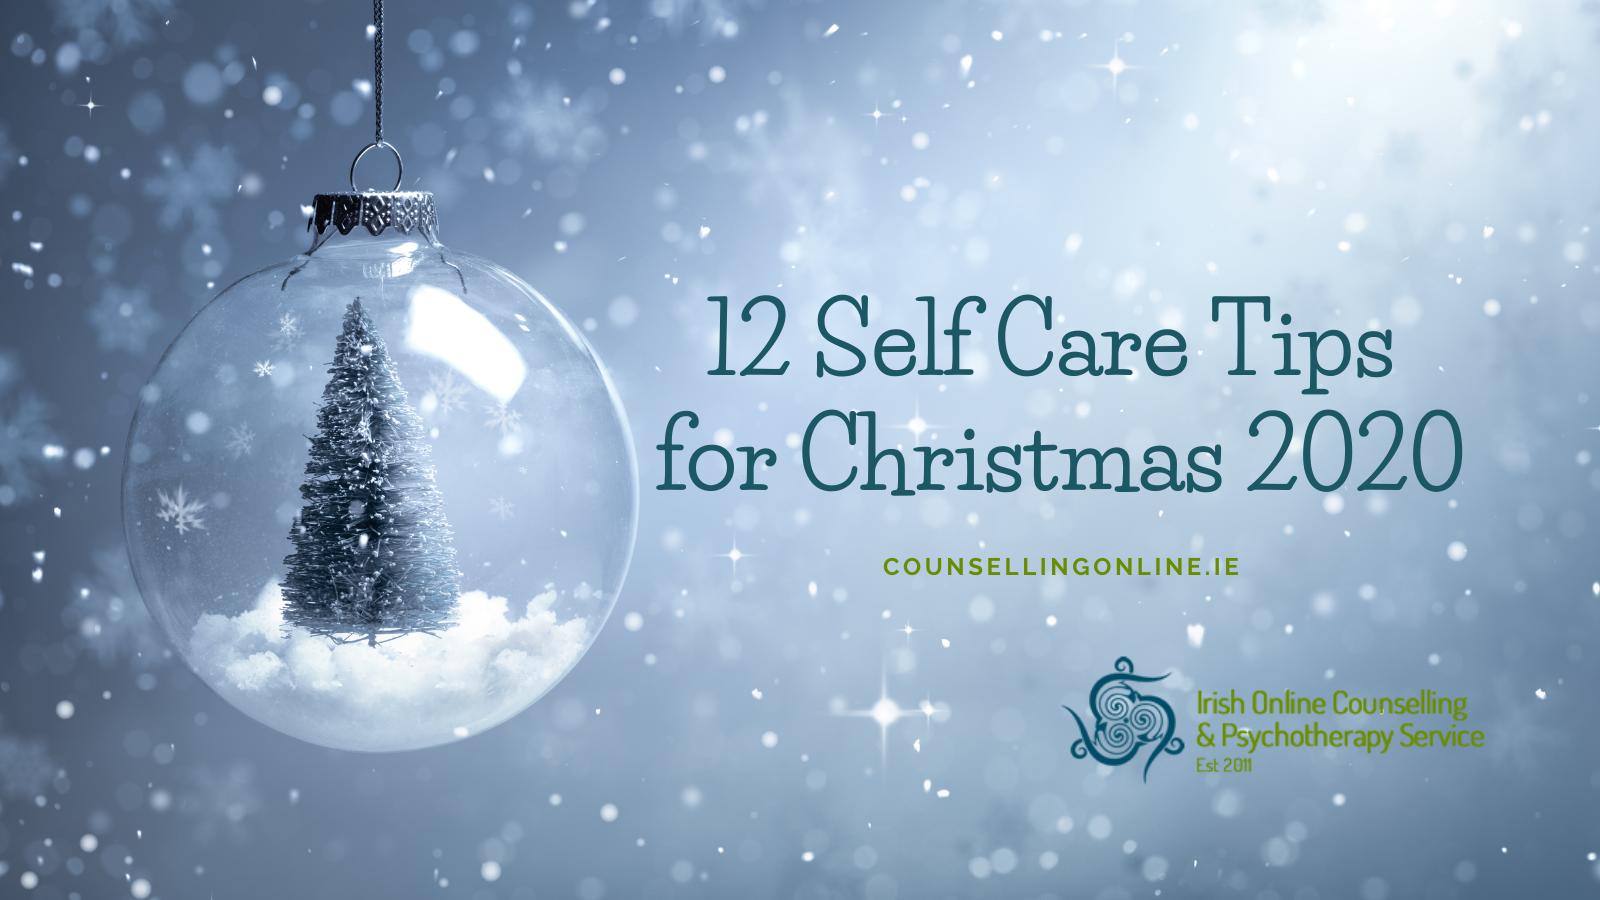 Christmas Self Care 2020